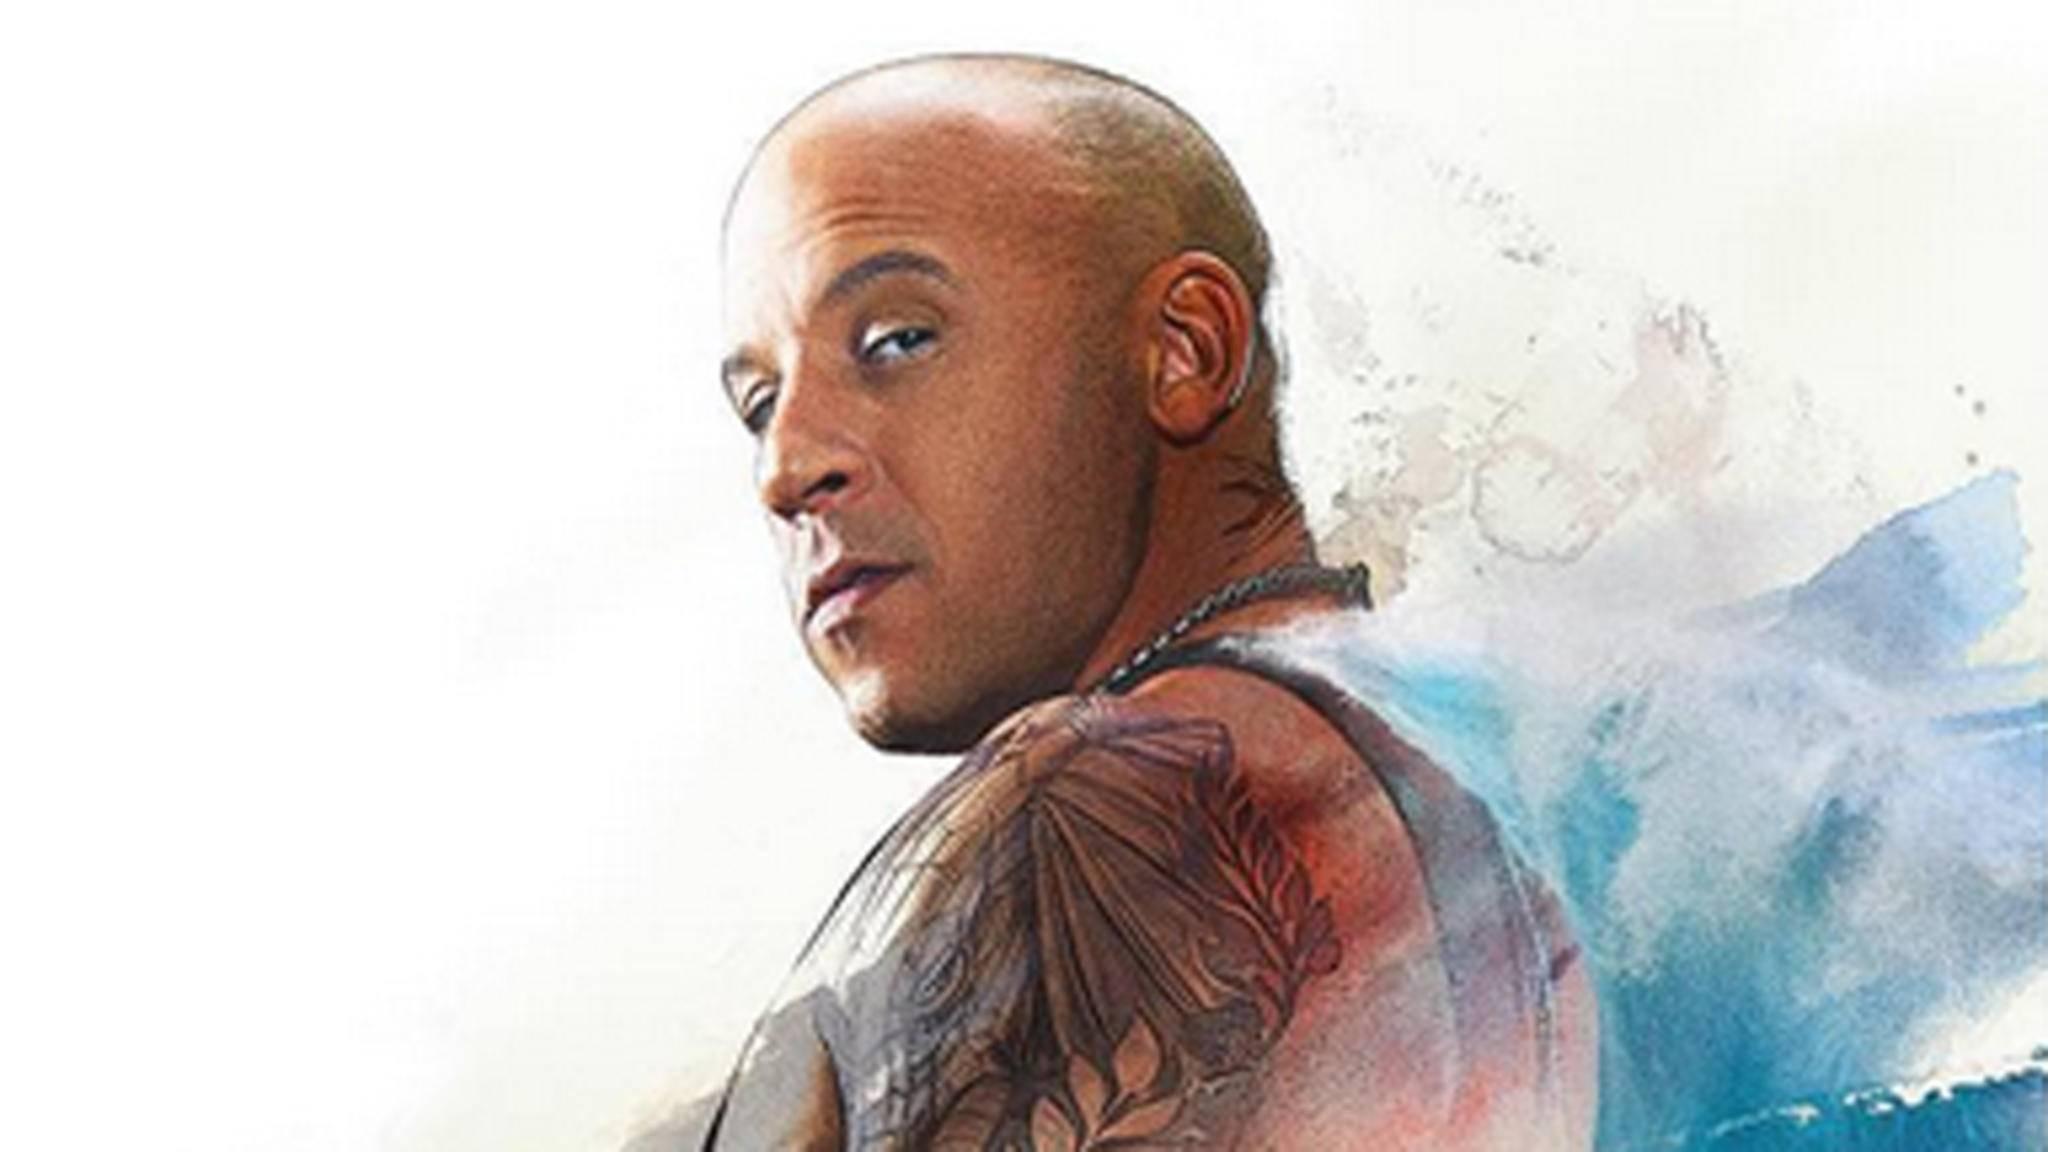 """Genau diesen Blick perfektioniert Vin Diesel alias Xander Cage auch in """"xXx 3""""."""